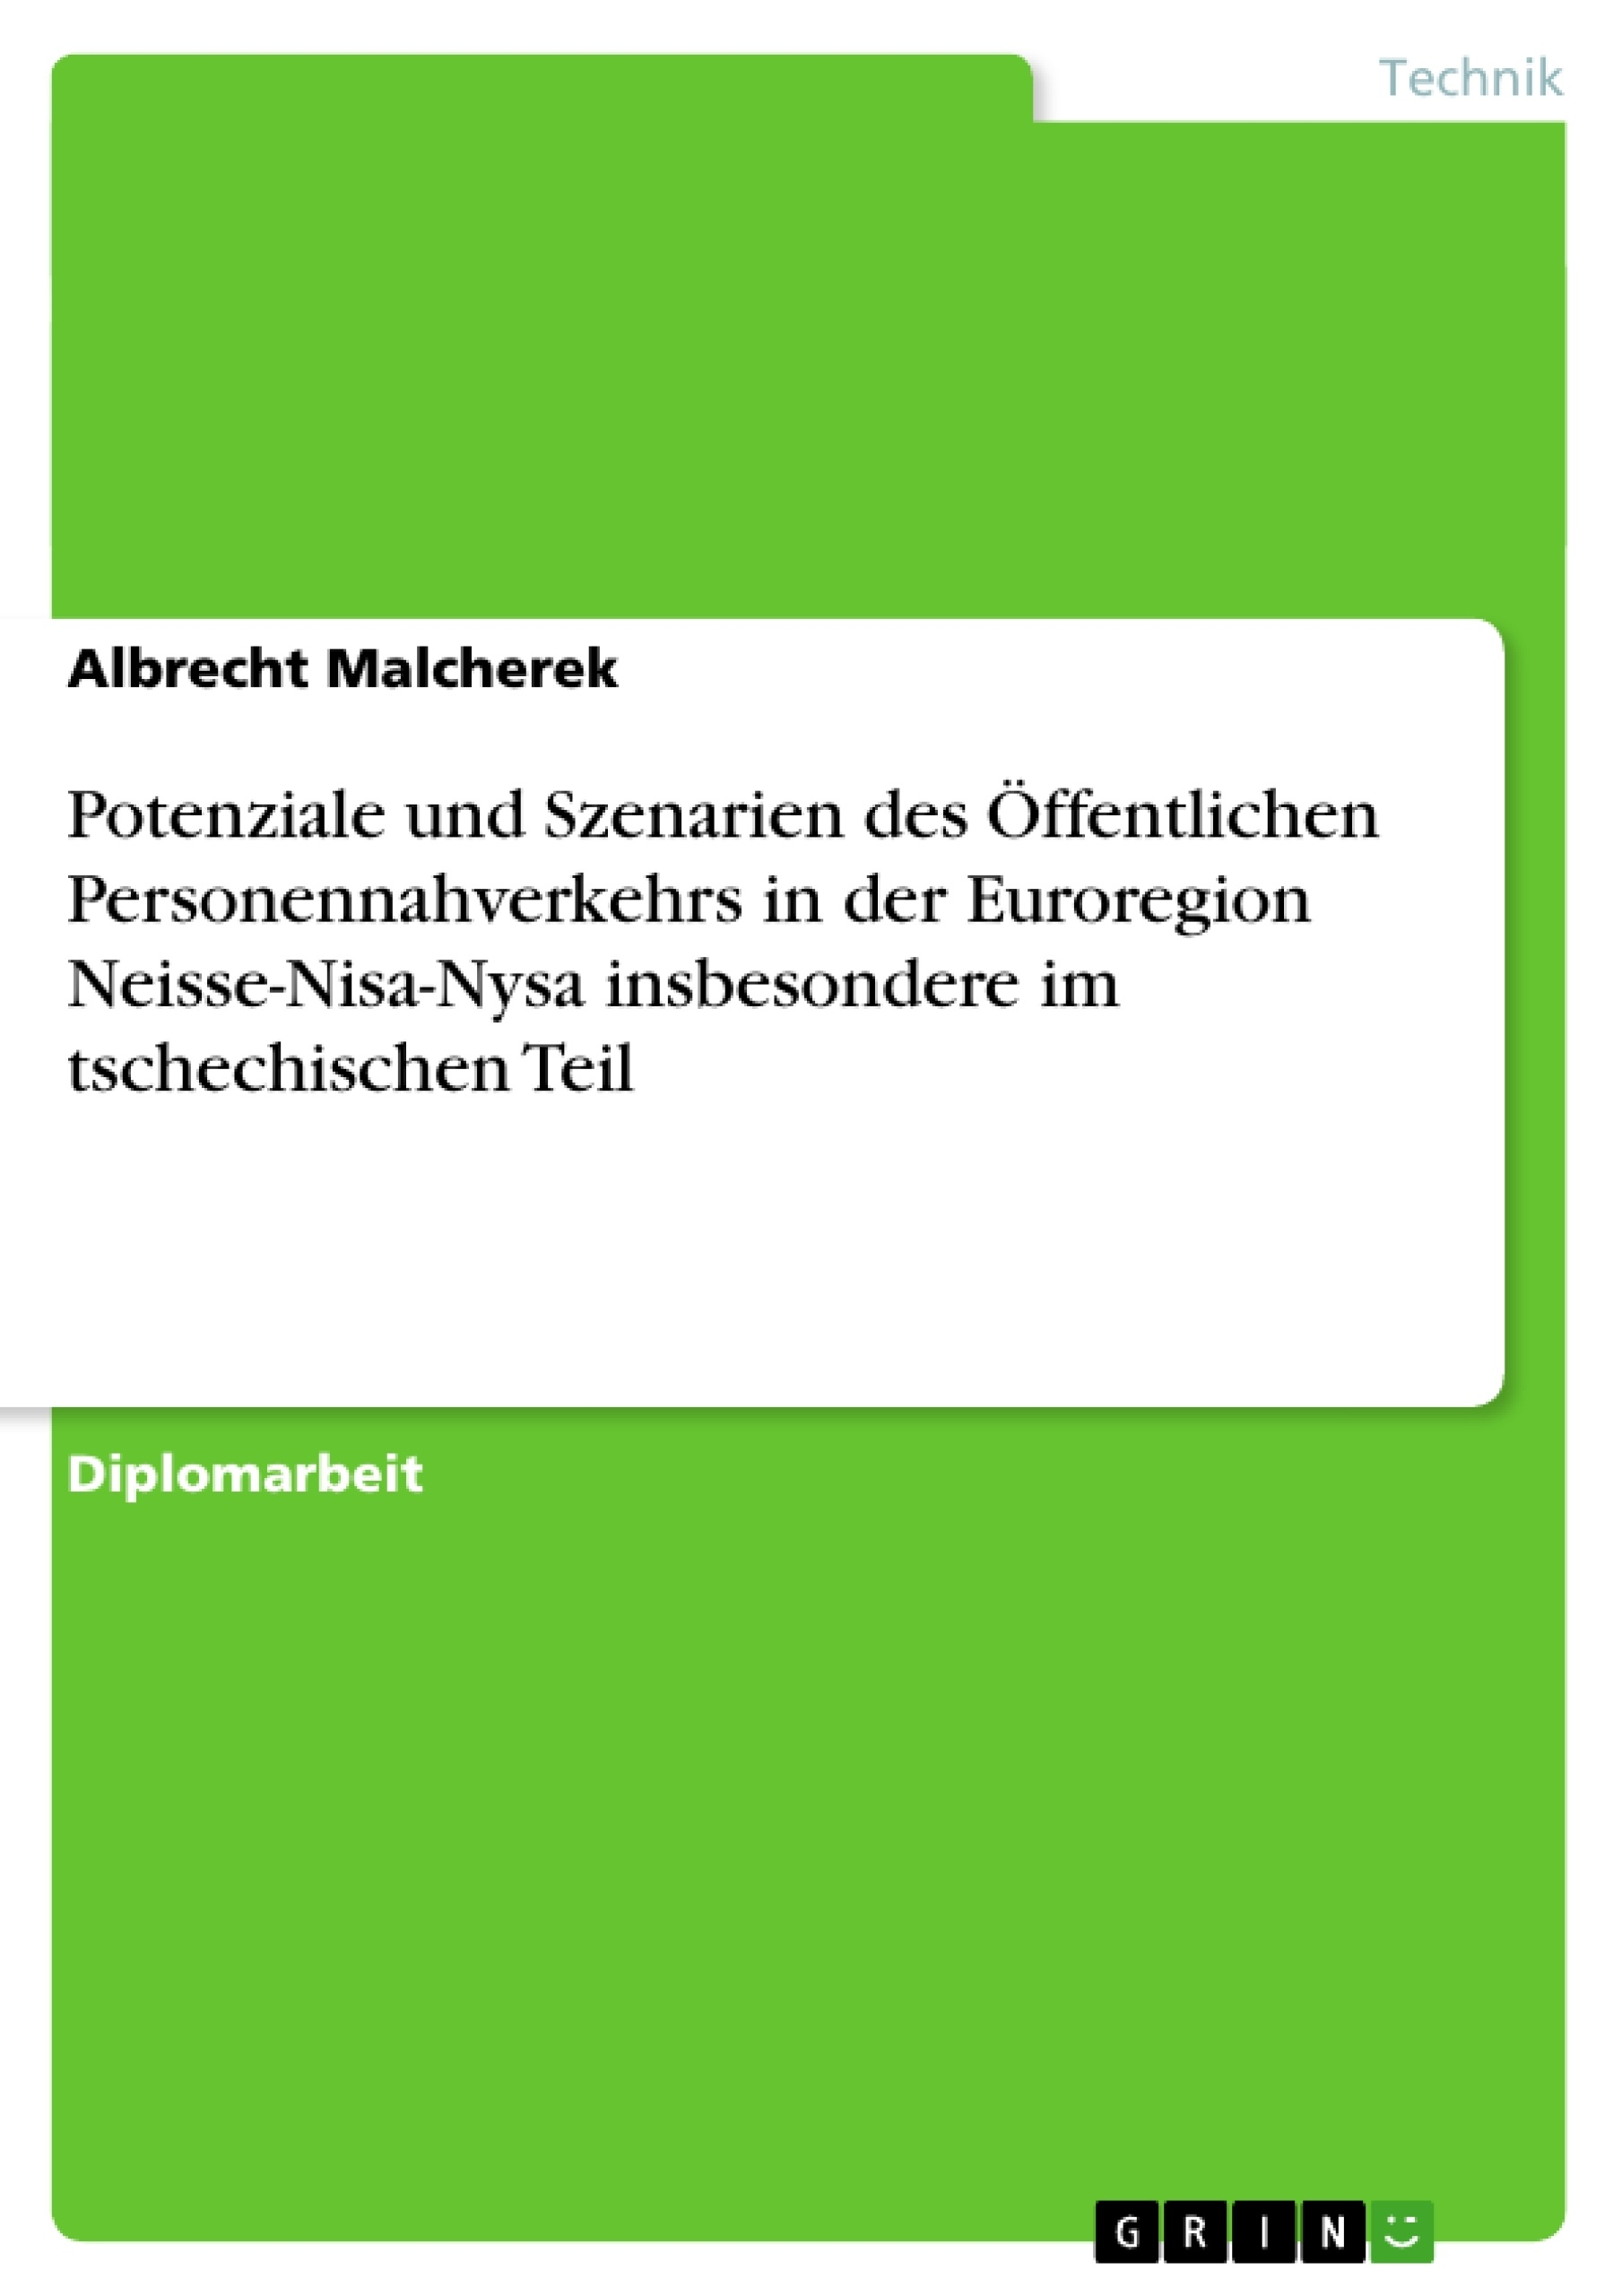 Titel: Potenziale und Szenarien des Öffentlichen Personennahverkehrs in der Euroregion Neisse-Nisa-Nysa insbesondere im tschechischen Teil